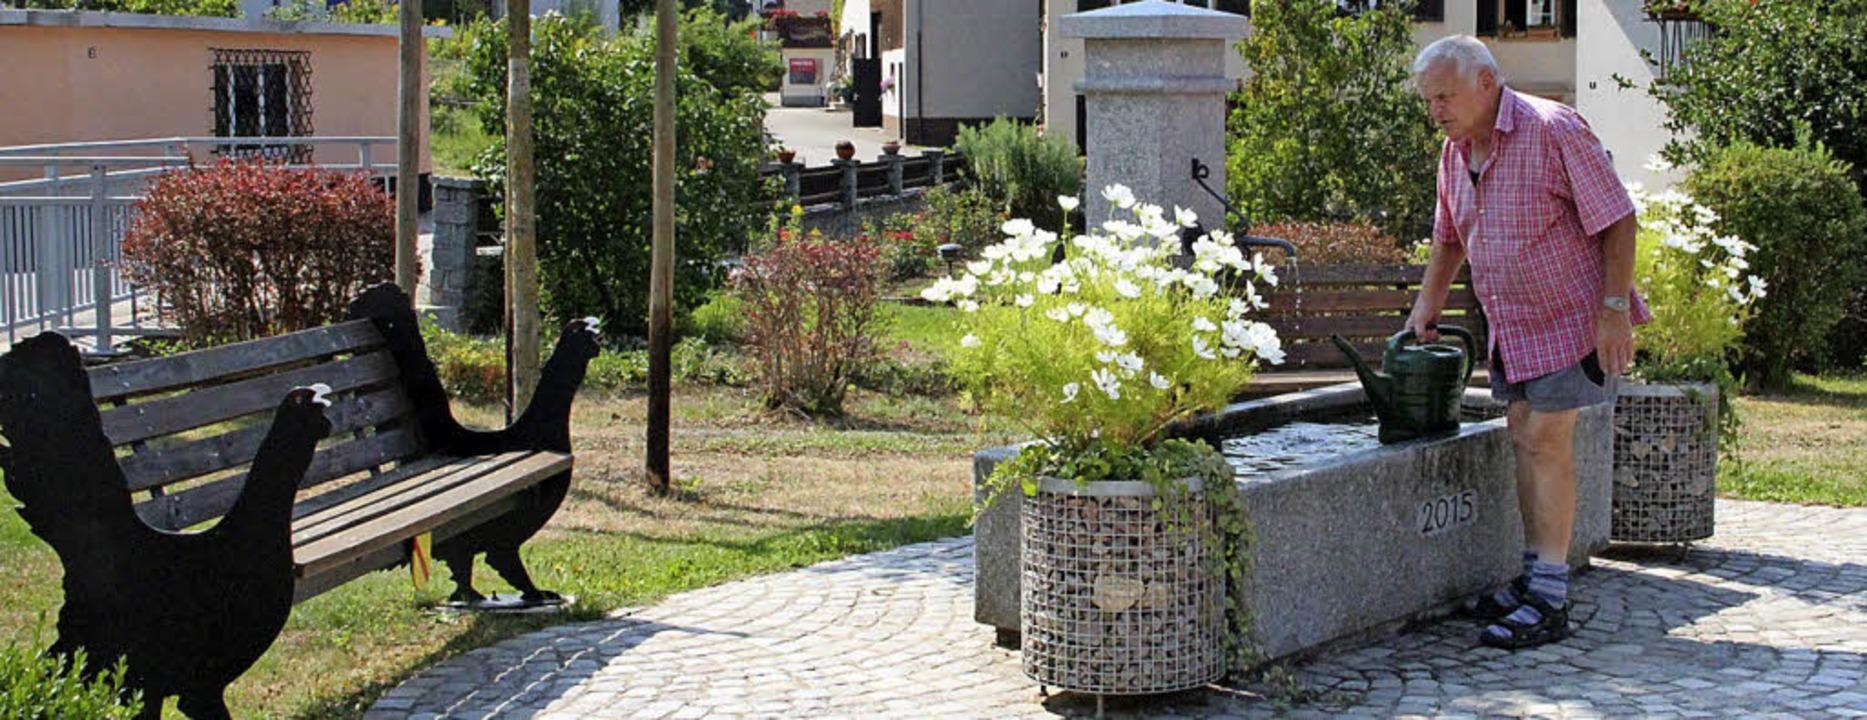 Dorfbrunnen Marzell  Ein wichtiger Was...muck entlang der Kandern zu versorgen.  | Foto: Rolf-Dietger Kanmacher